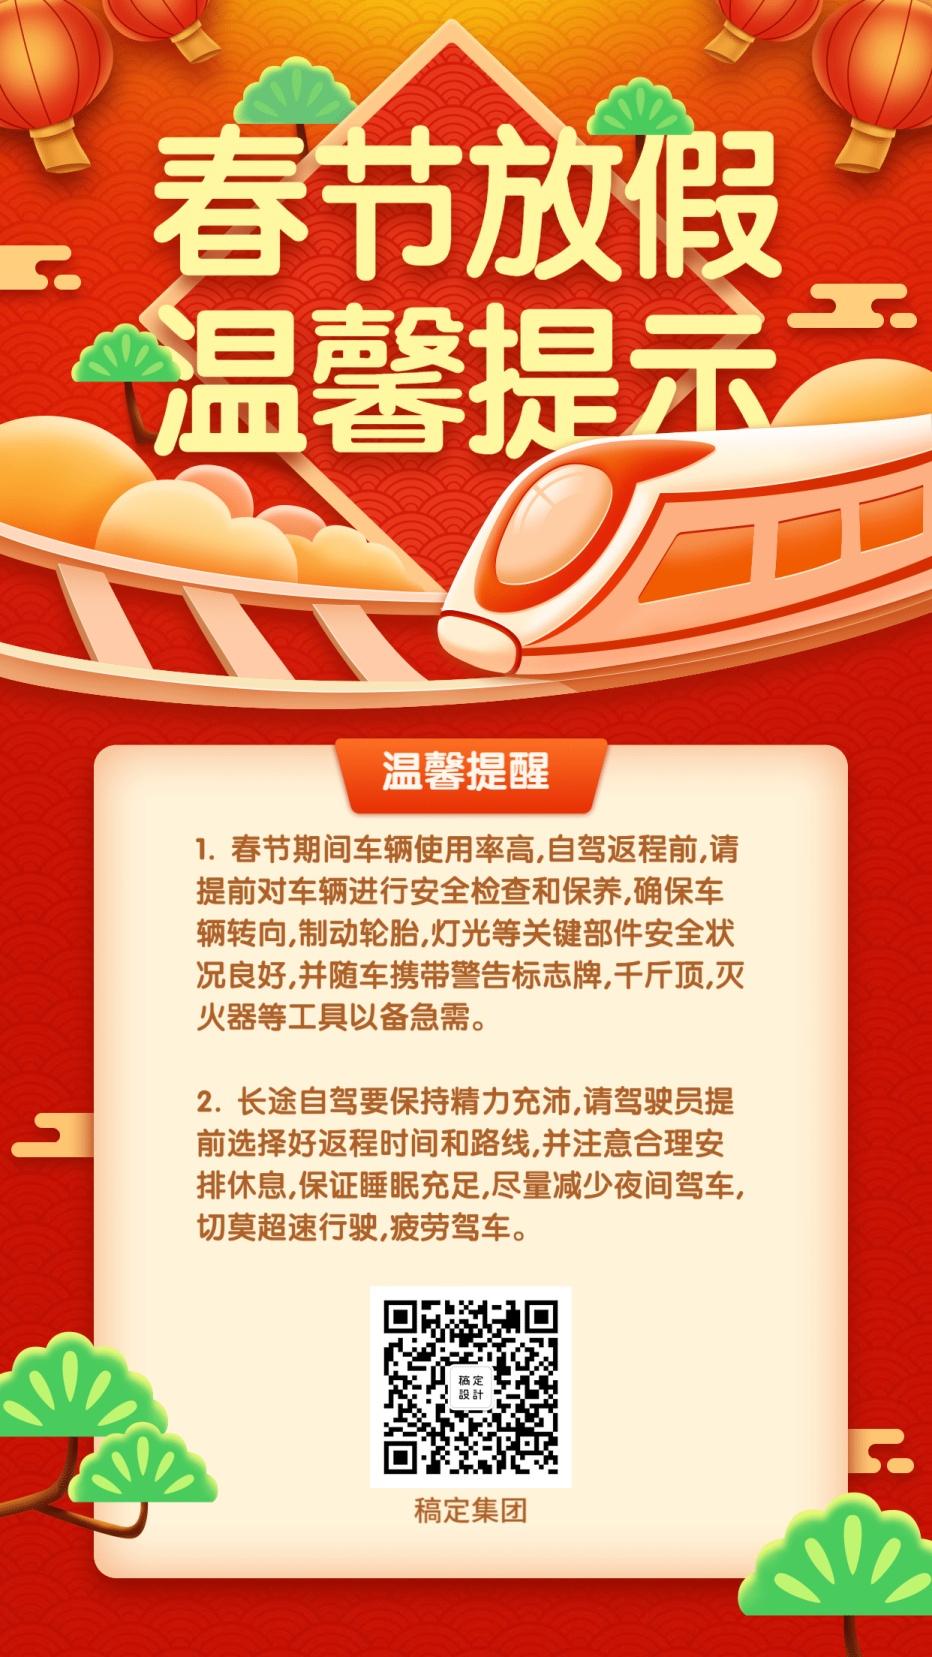 春节放假温馨提示通知公告